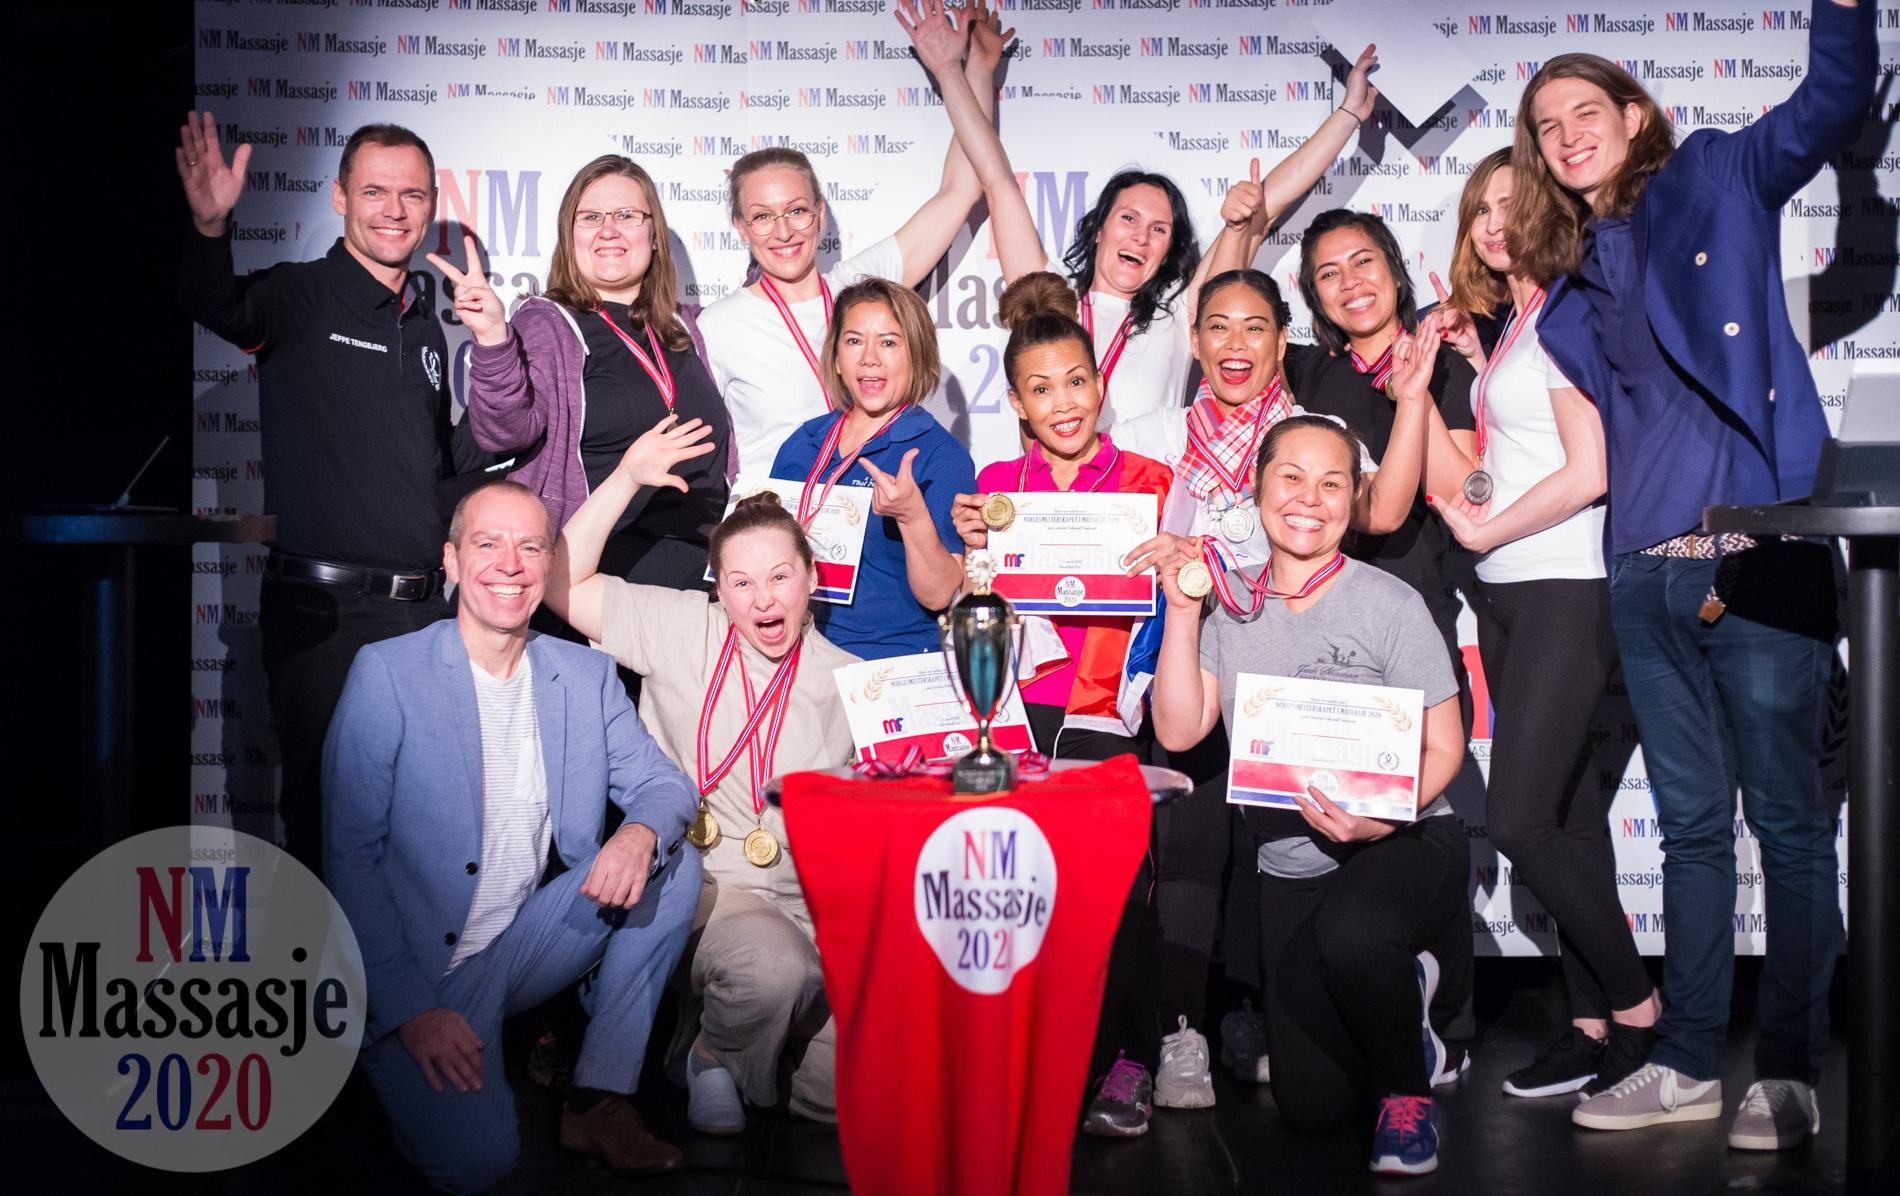 Medaljevinnerne - Alle Kategorier - Norgesmesterskapet i Massasje 2020